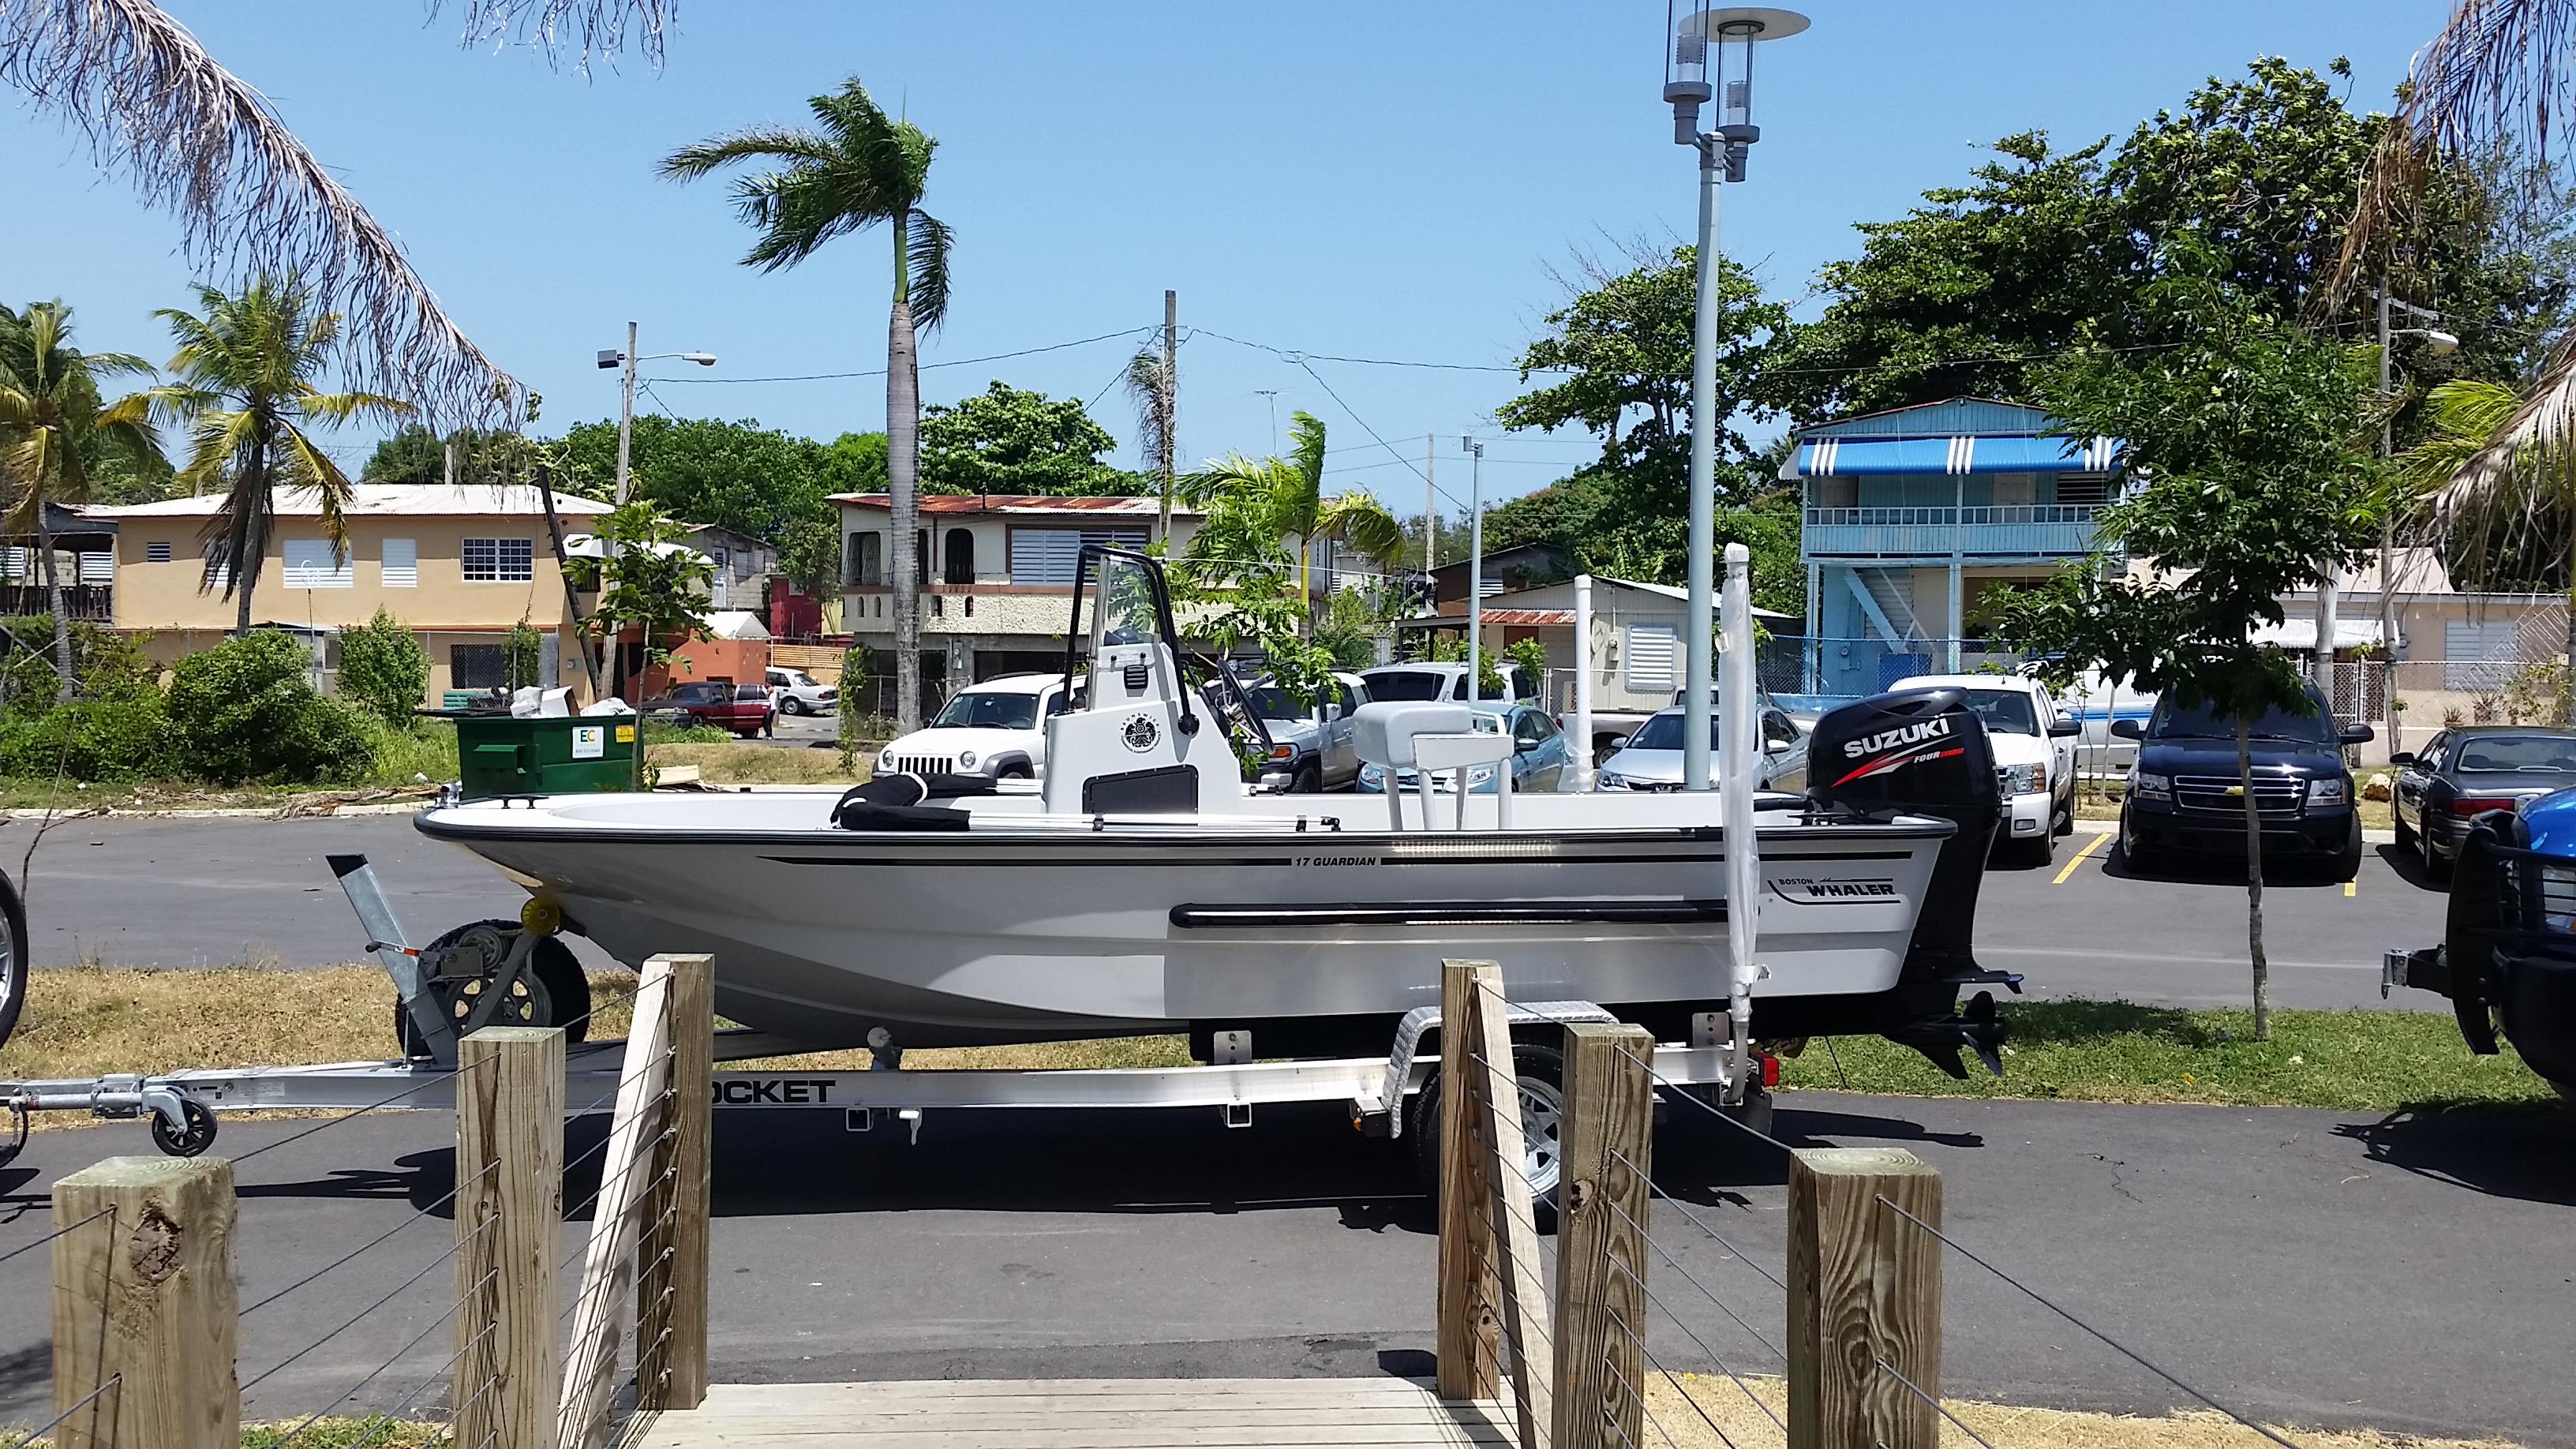 DRNA ofrece por primera vez cursos prácticos de navegación y amplía la oferta en acuerdo con la  Universidad de Puerto Rico